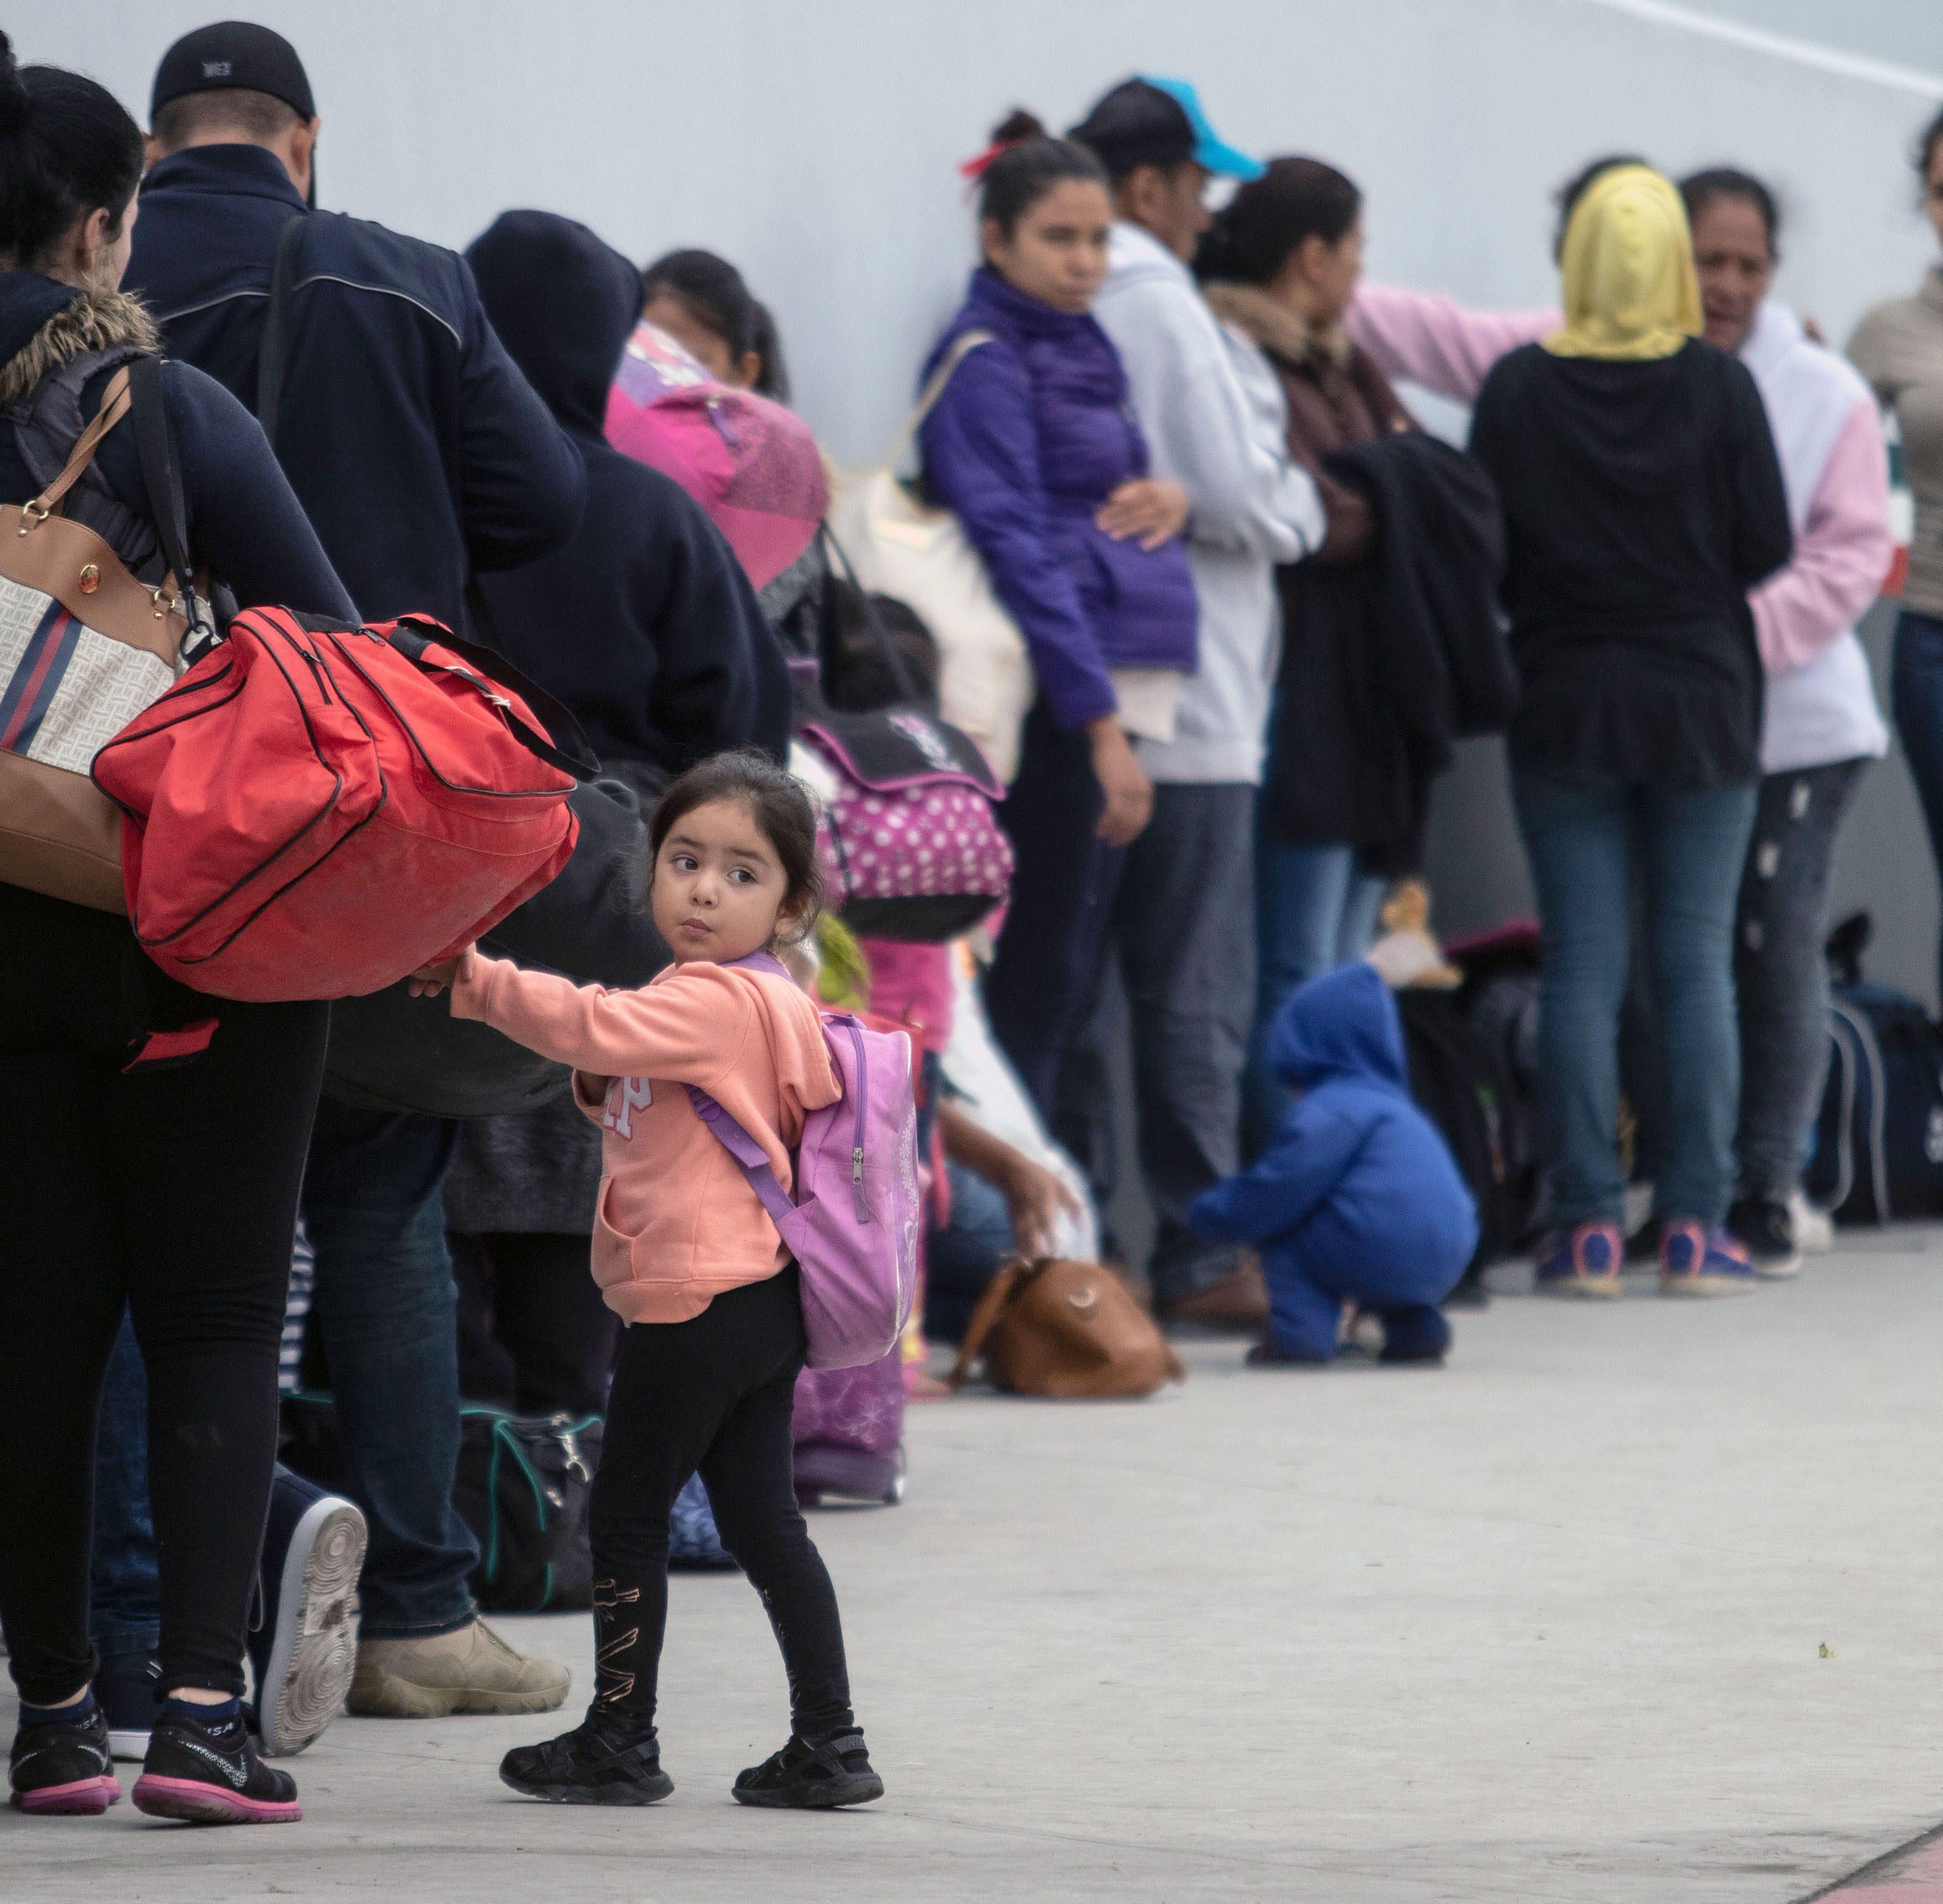 EEUU invertirá 10,600 mdd en México y Centroamérica para desalentar migración